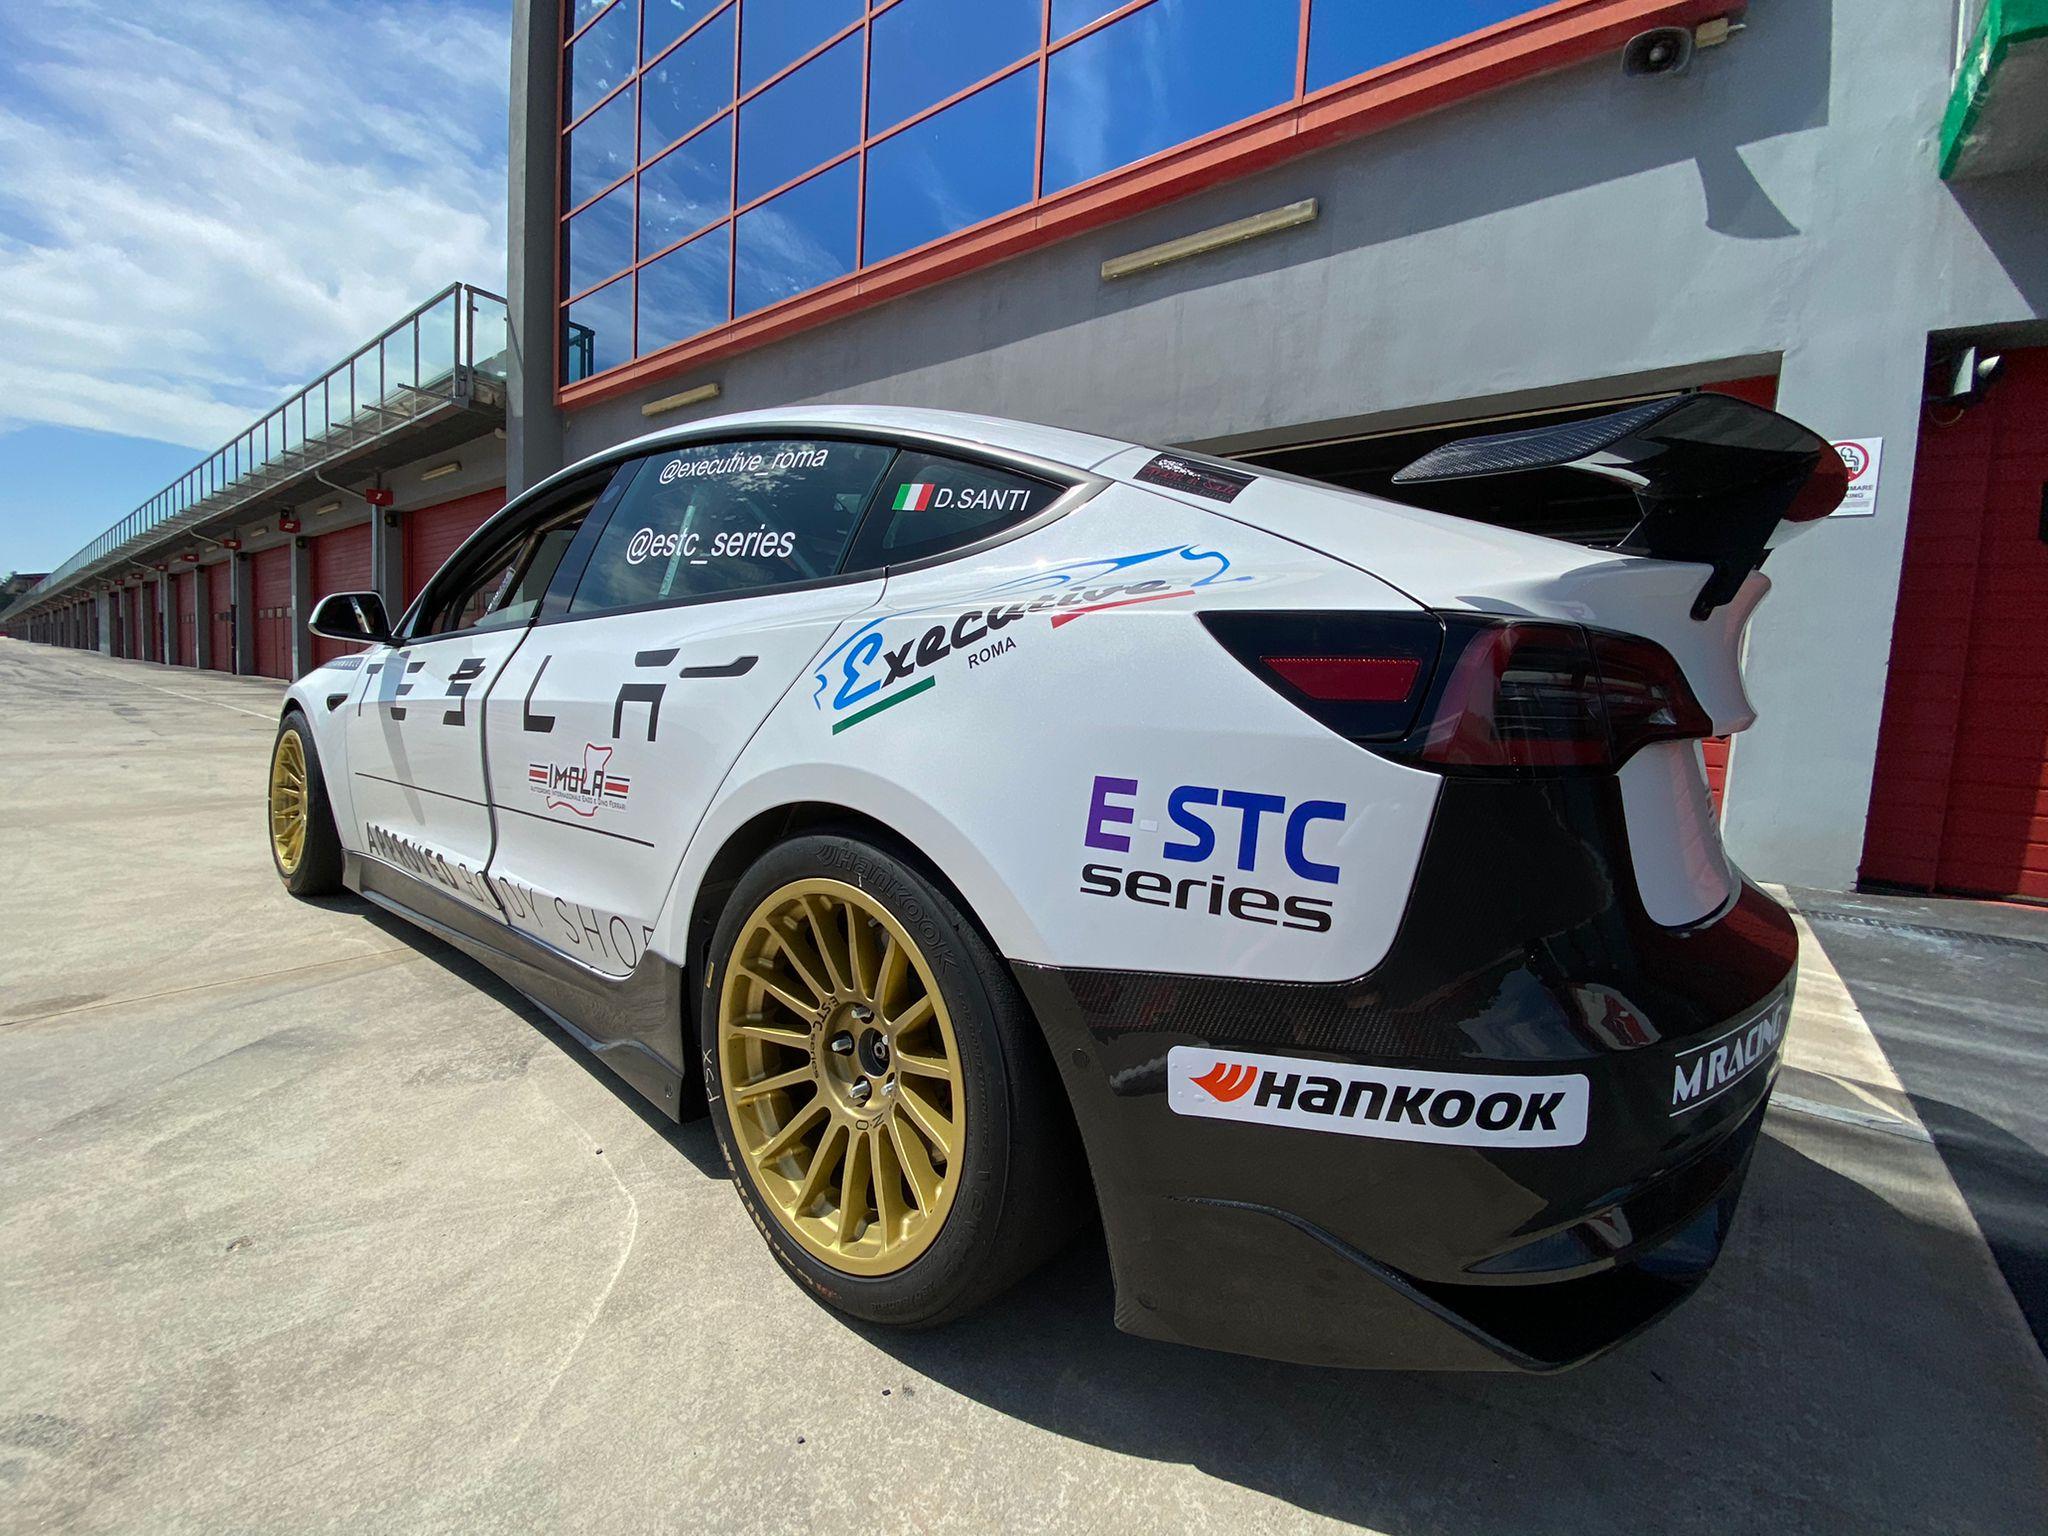 Questo fine settimana arriverà ufficialmente il lancio di un nuovo campionato: si chiama E-STC Series